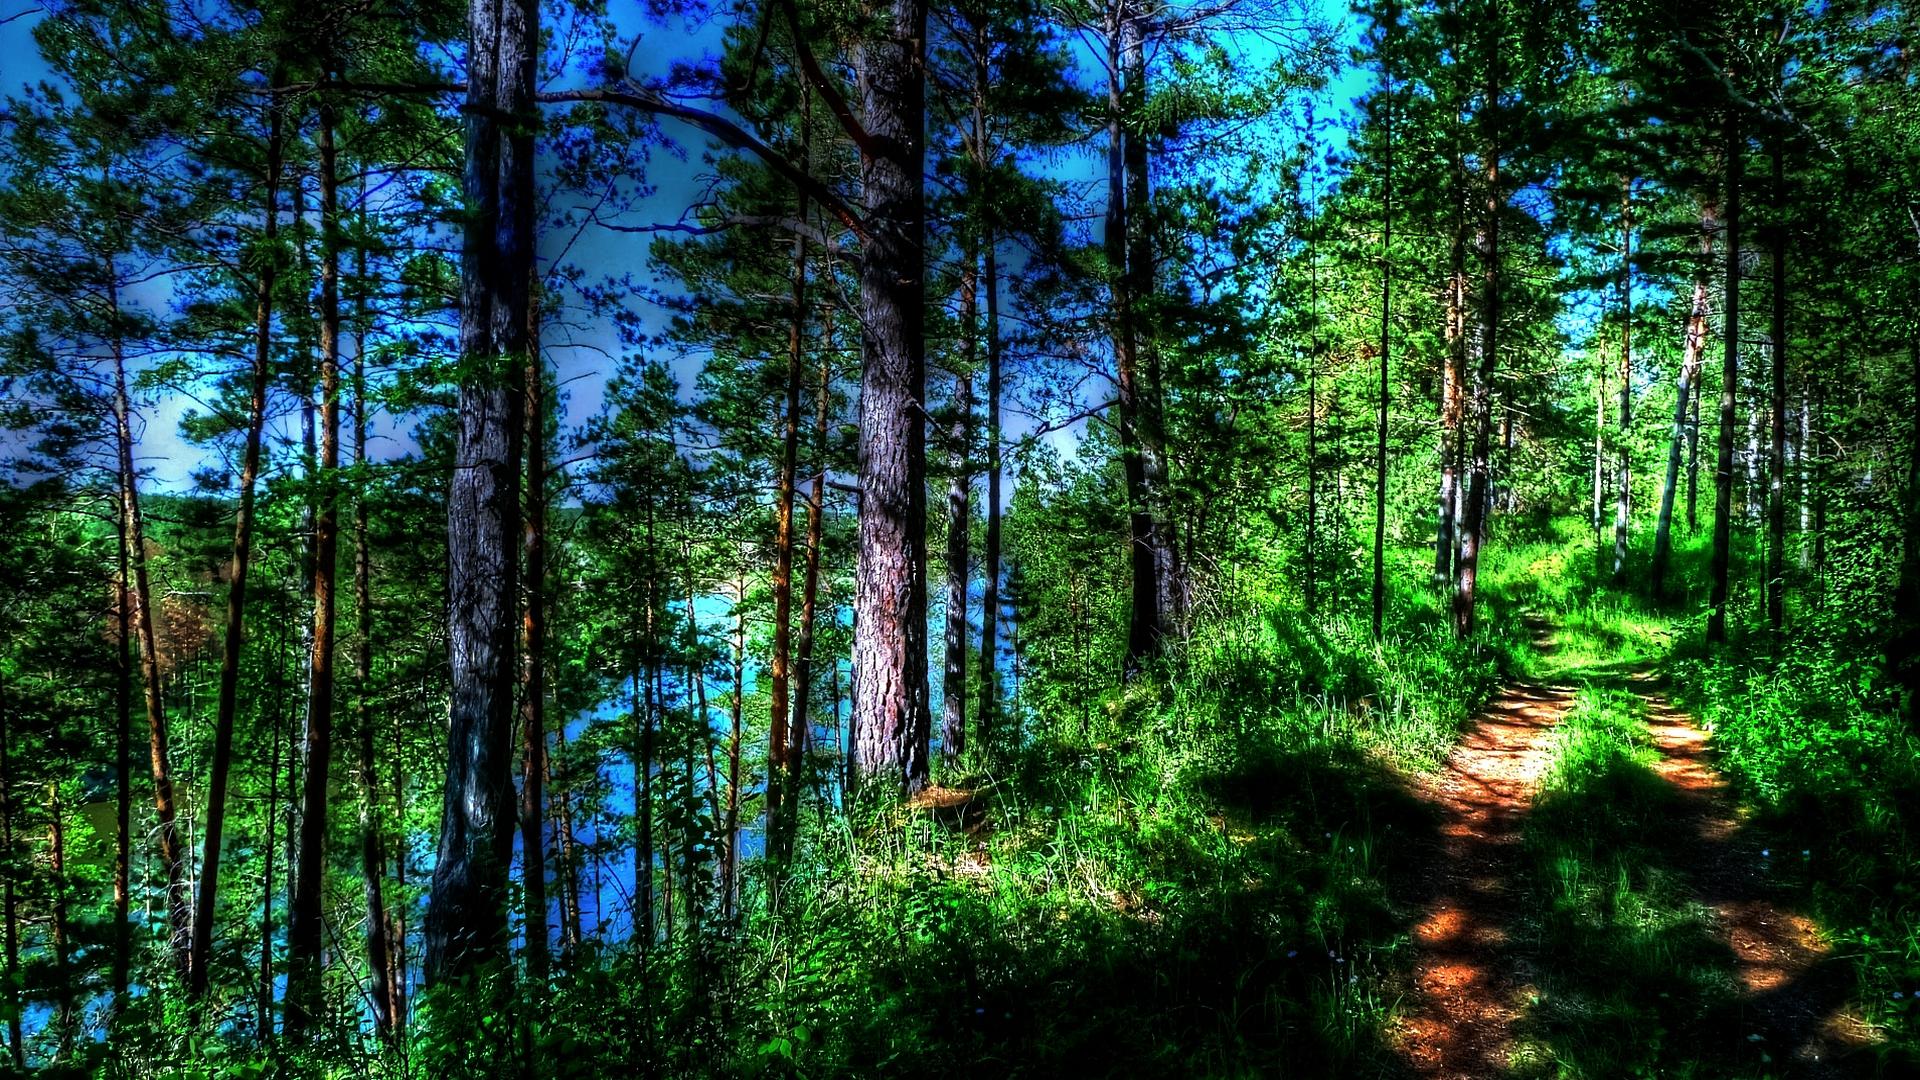 Trail HD Wallpaper